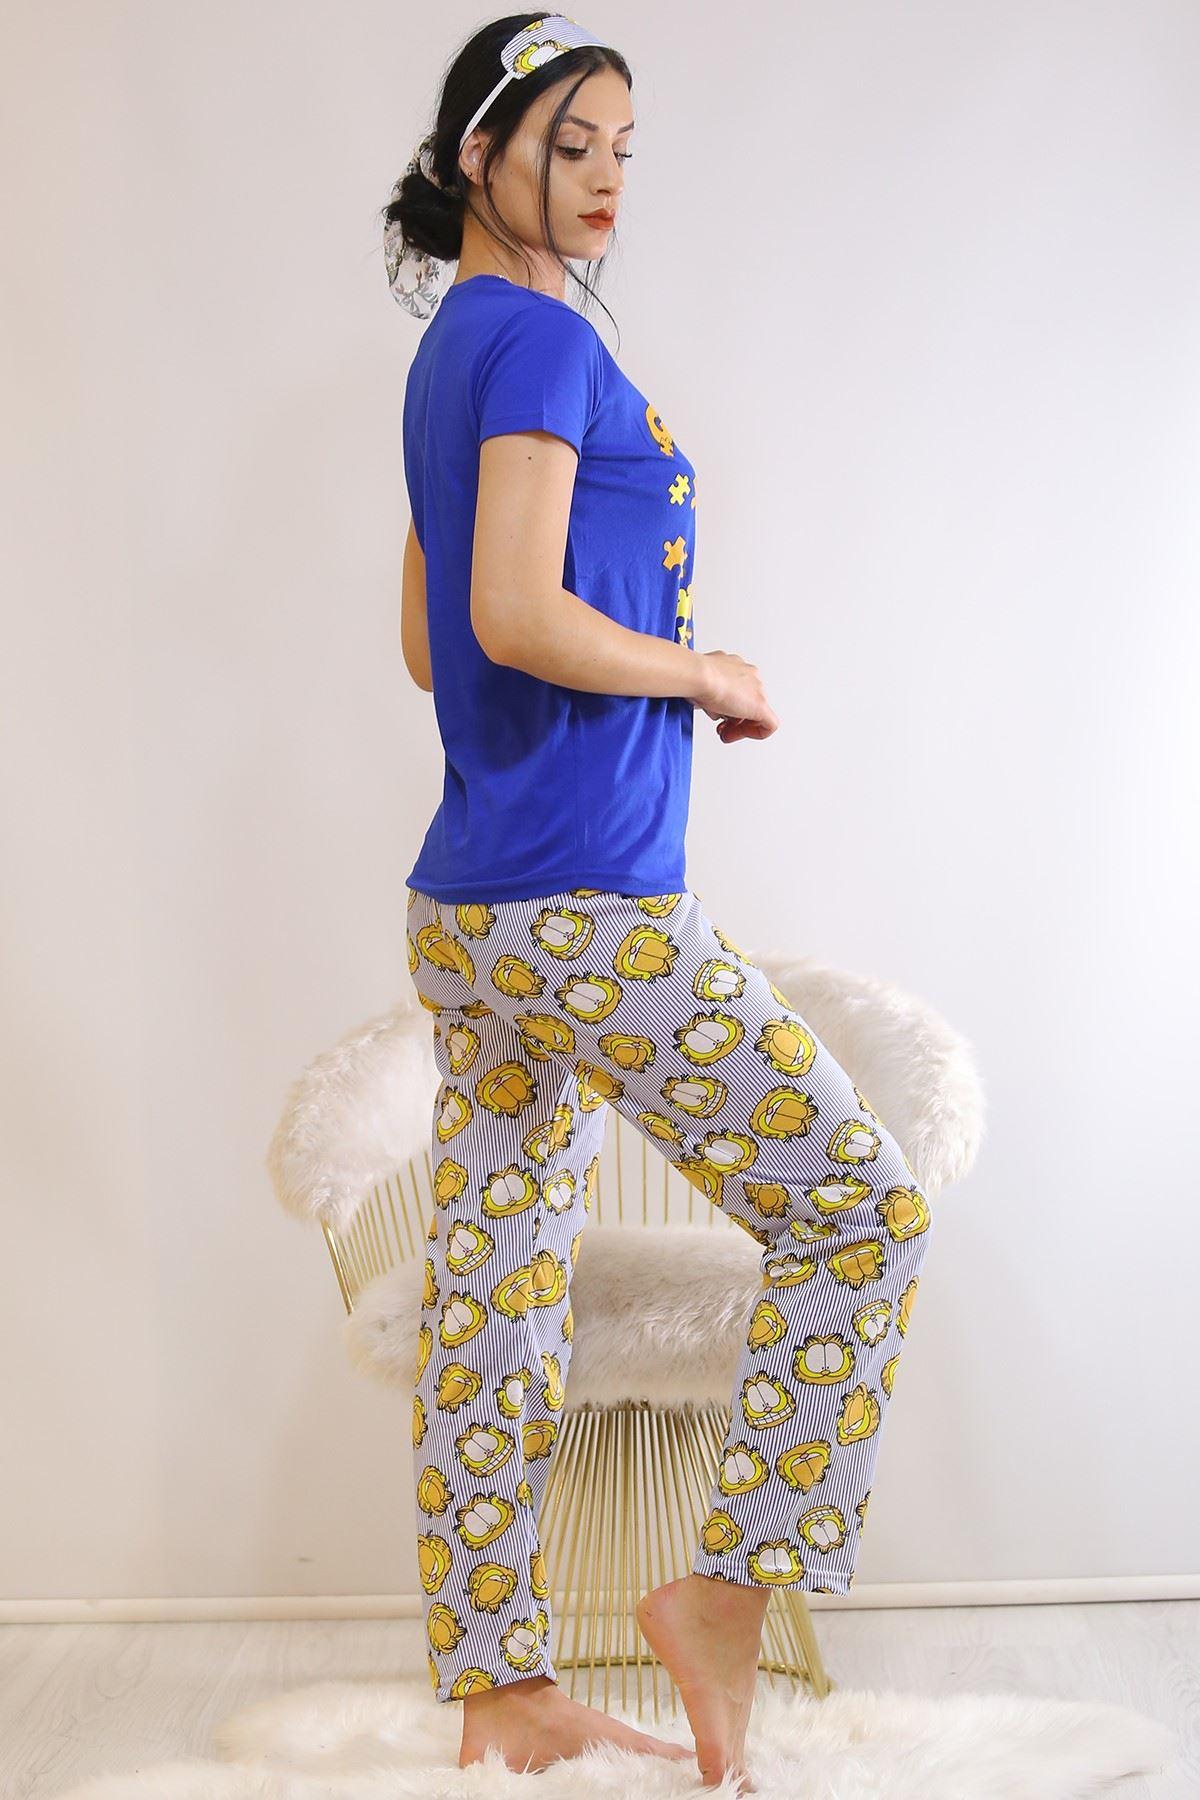 Baskılı Pijama Takımı Mavi - 21054.1059.